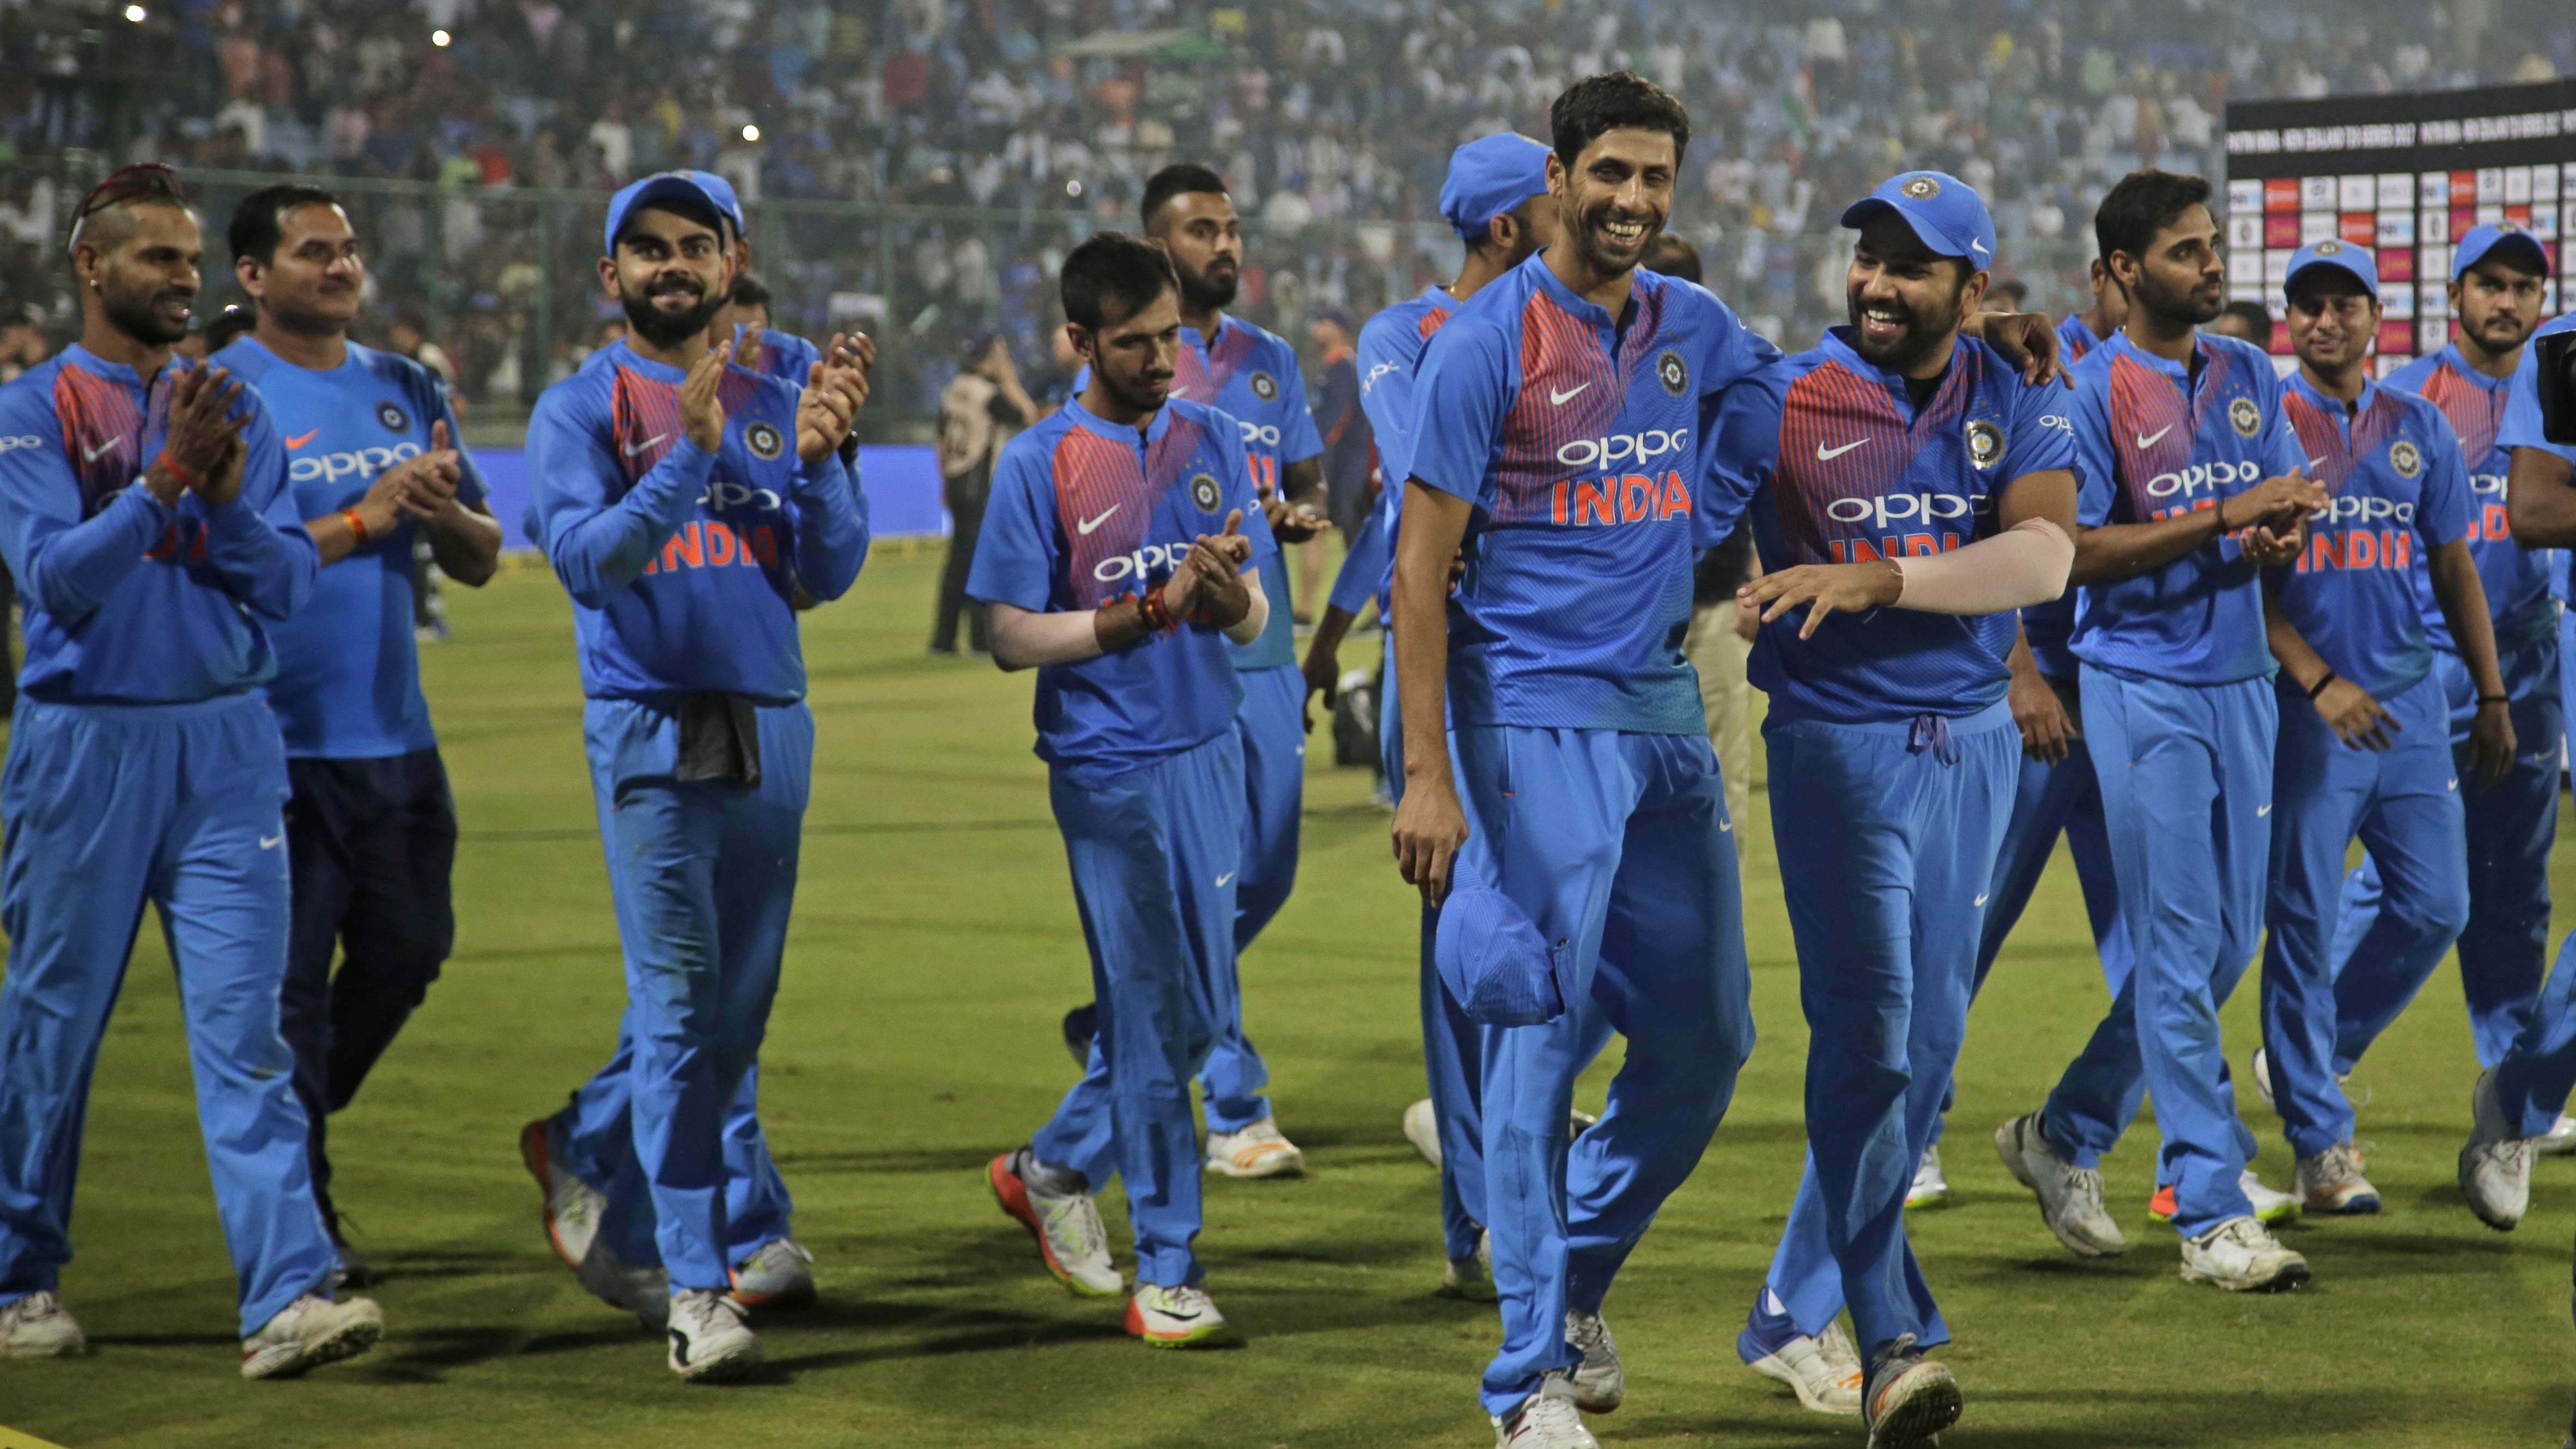 आशीष नेहरा के अनुसार रोहित शर्मा को T20I की कप्तानी सौपना जल्दबाज़ी होगा